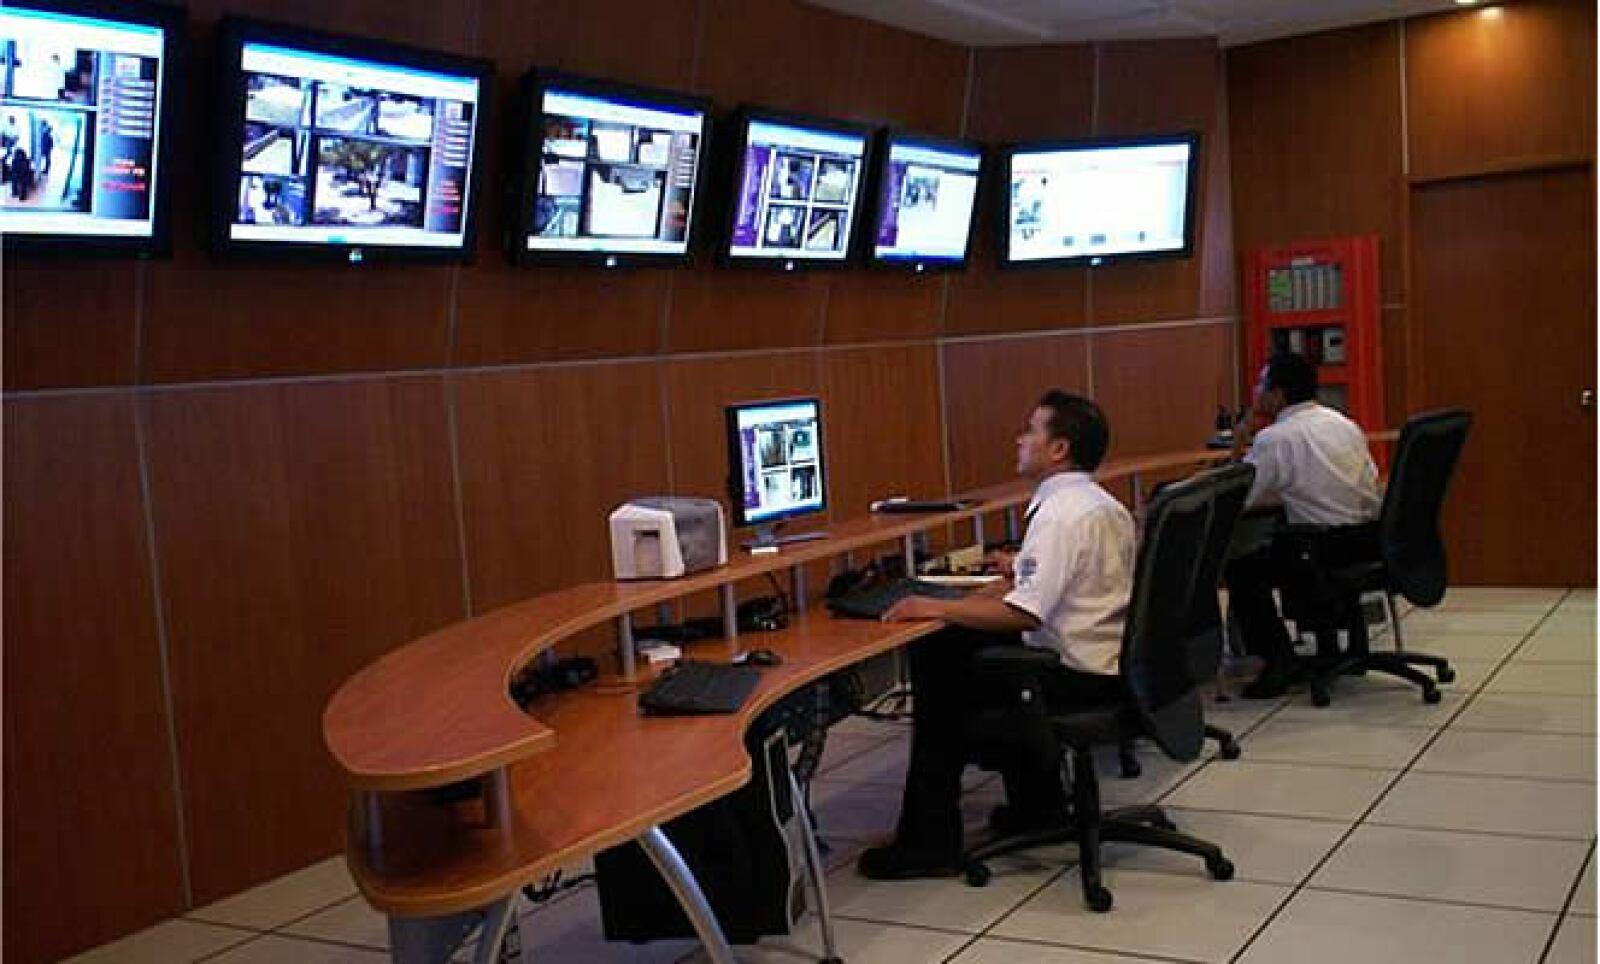 Las 298 cámaras de vigilancia son manipuladas desde un cuarto de control con, al menos, 4 personas por turno. En caso de una alarma, el sistema determina automáticamente qué hacer y a quién llamar.